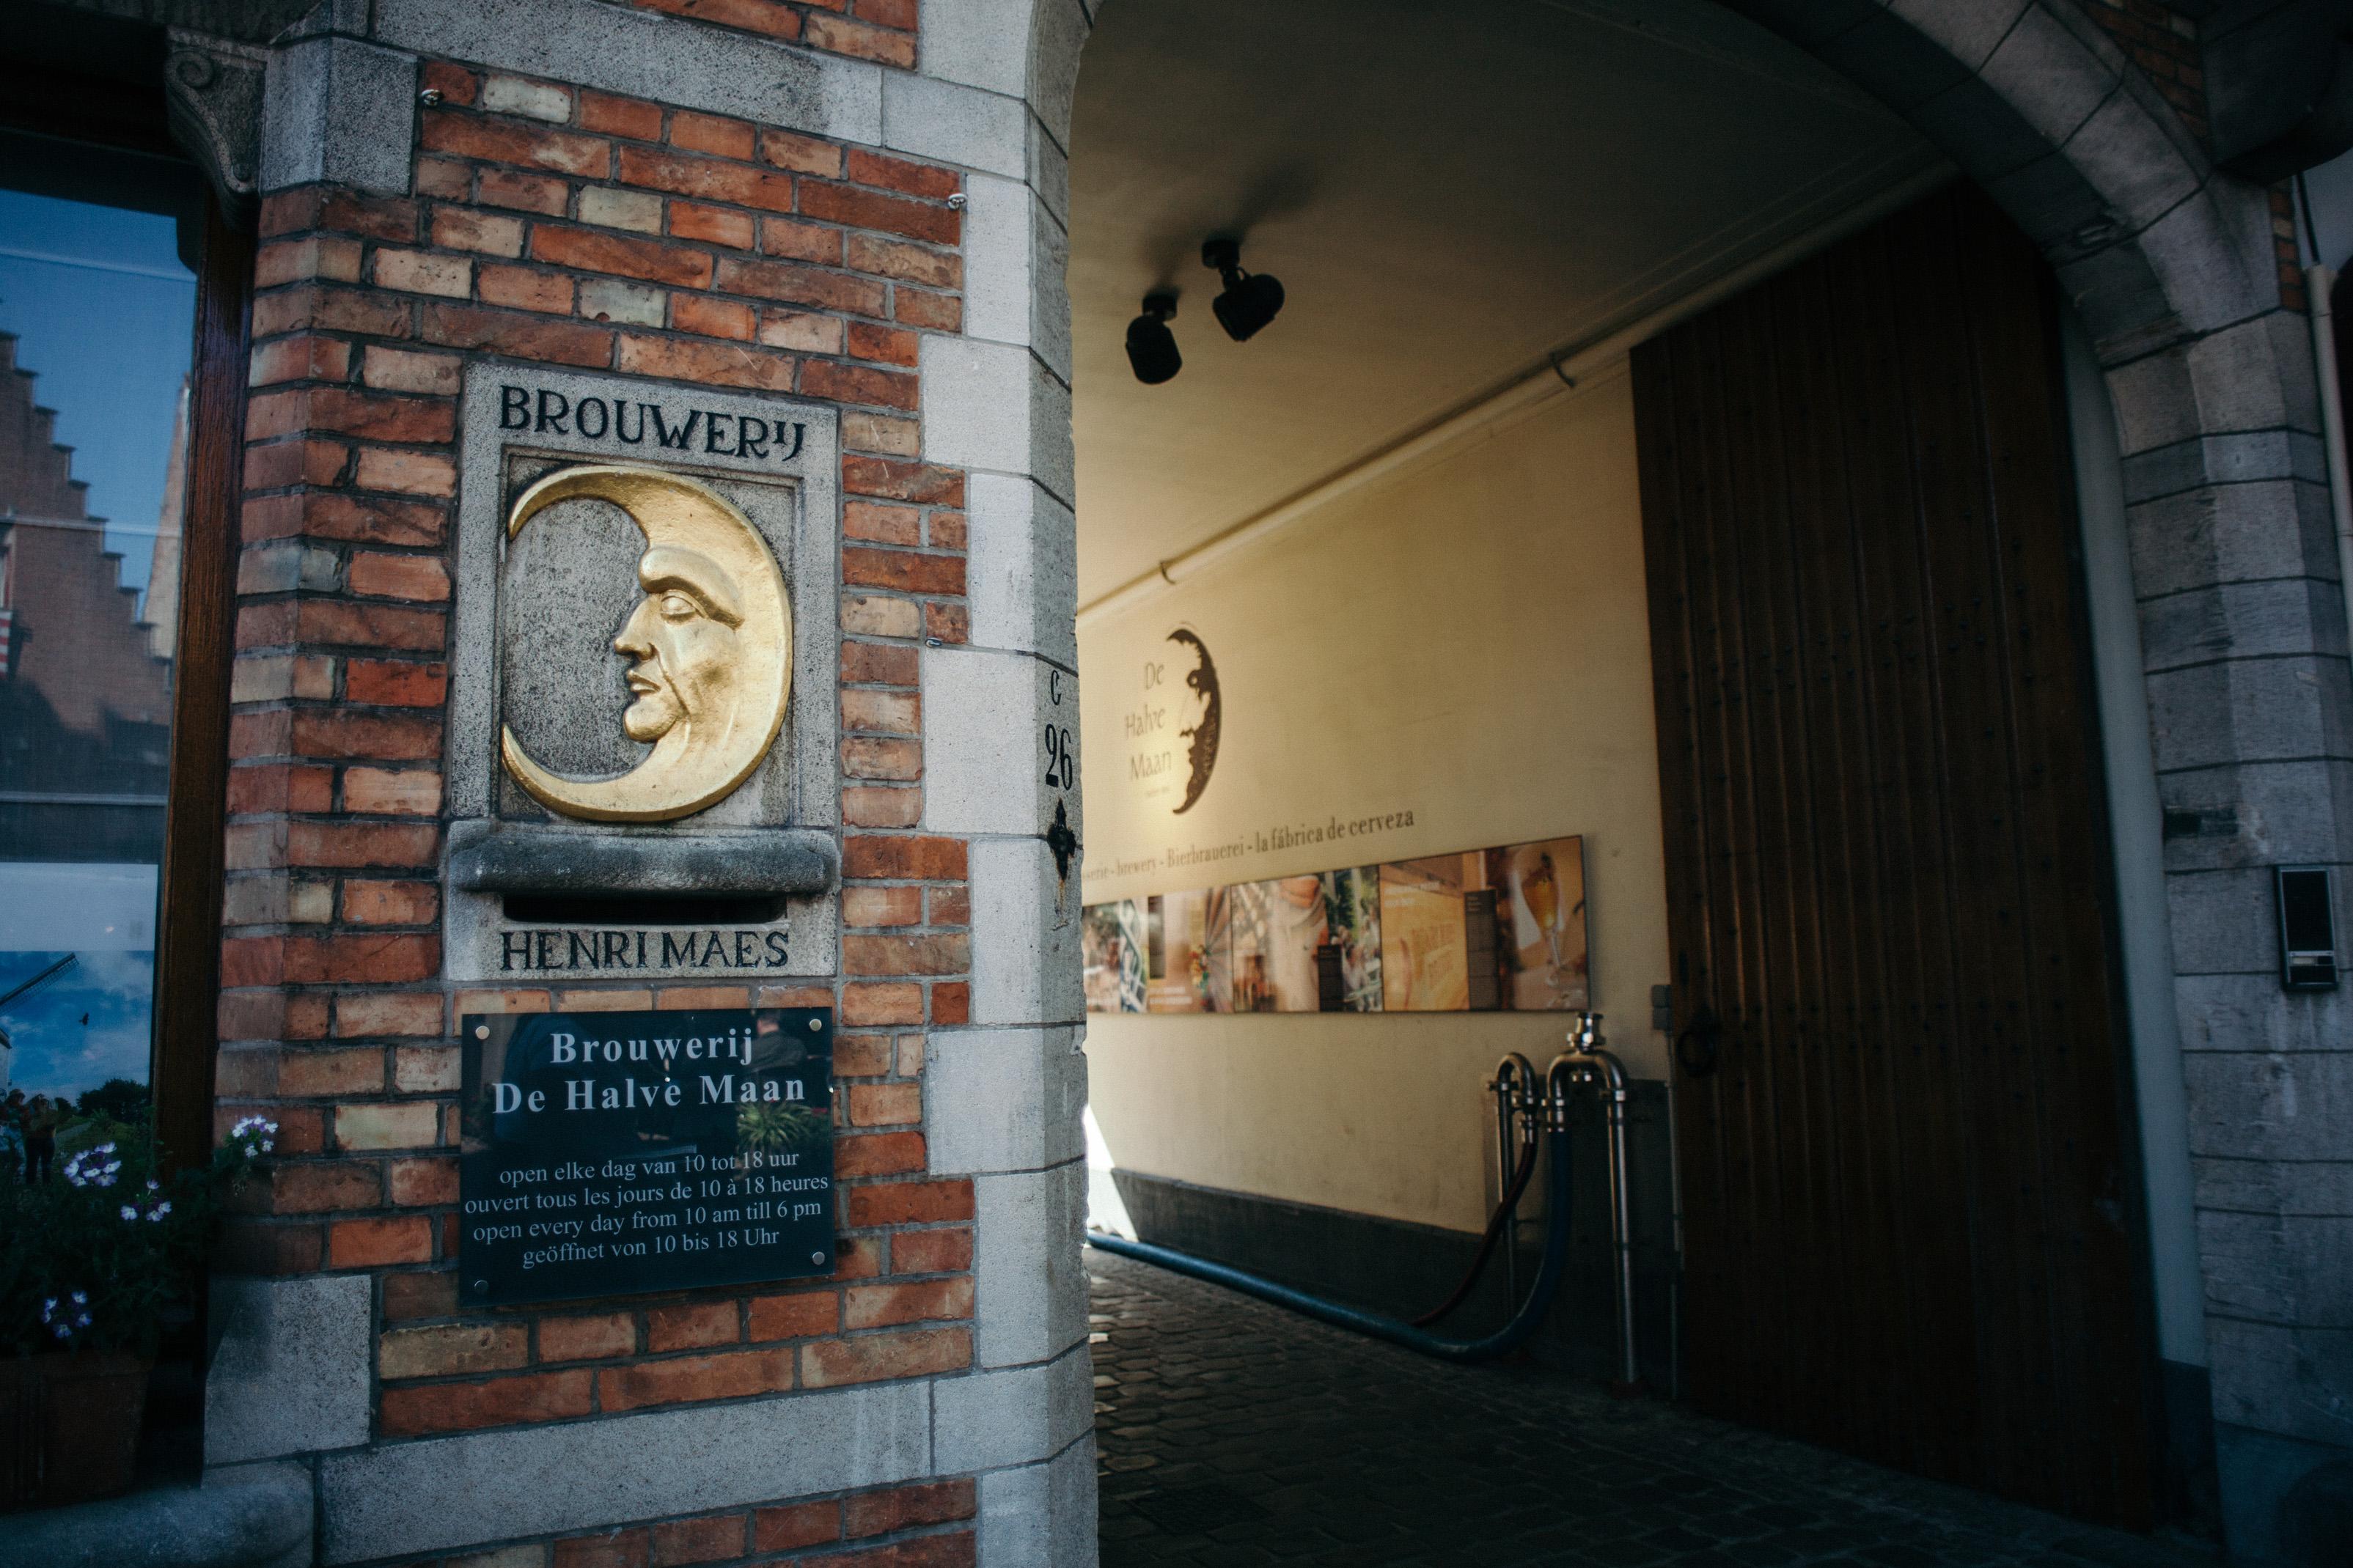 Brouwerij De Halve Maan front entrance